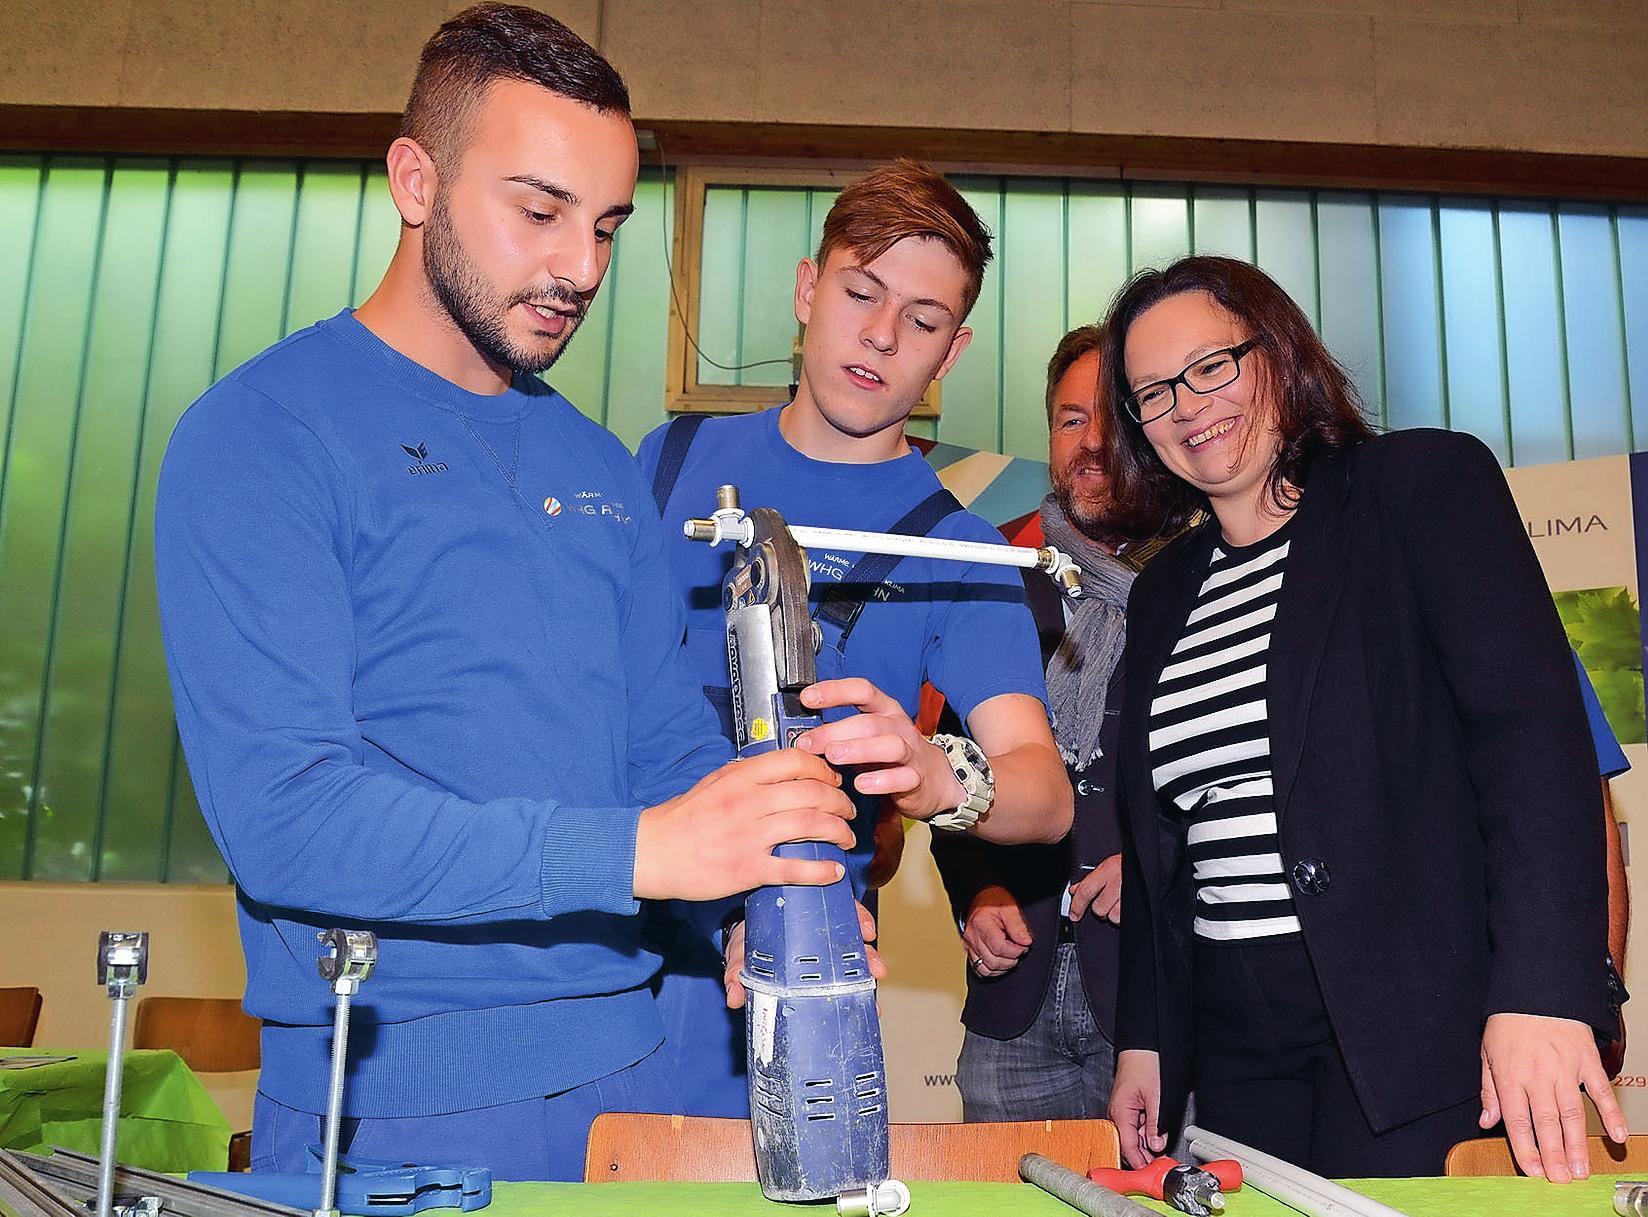 Hohen Besuch gab es 2015 von der Bundesarbeitsministerin Andrea Nahles, die sich hier am Stand der WHG Rahn Montagetricks erläutern lässt. ARCHIVFOTO: BUCHHOLZ